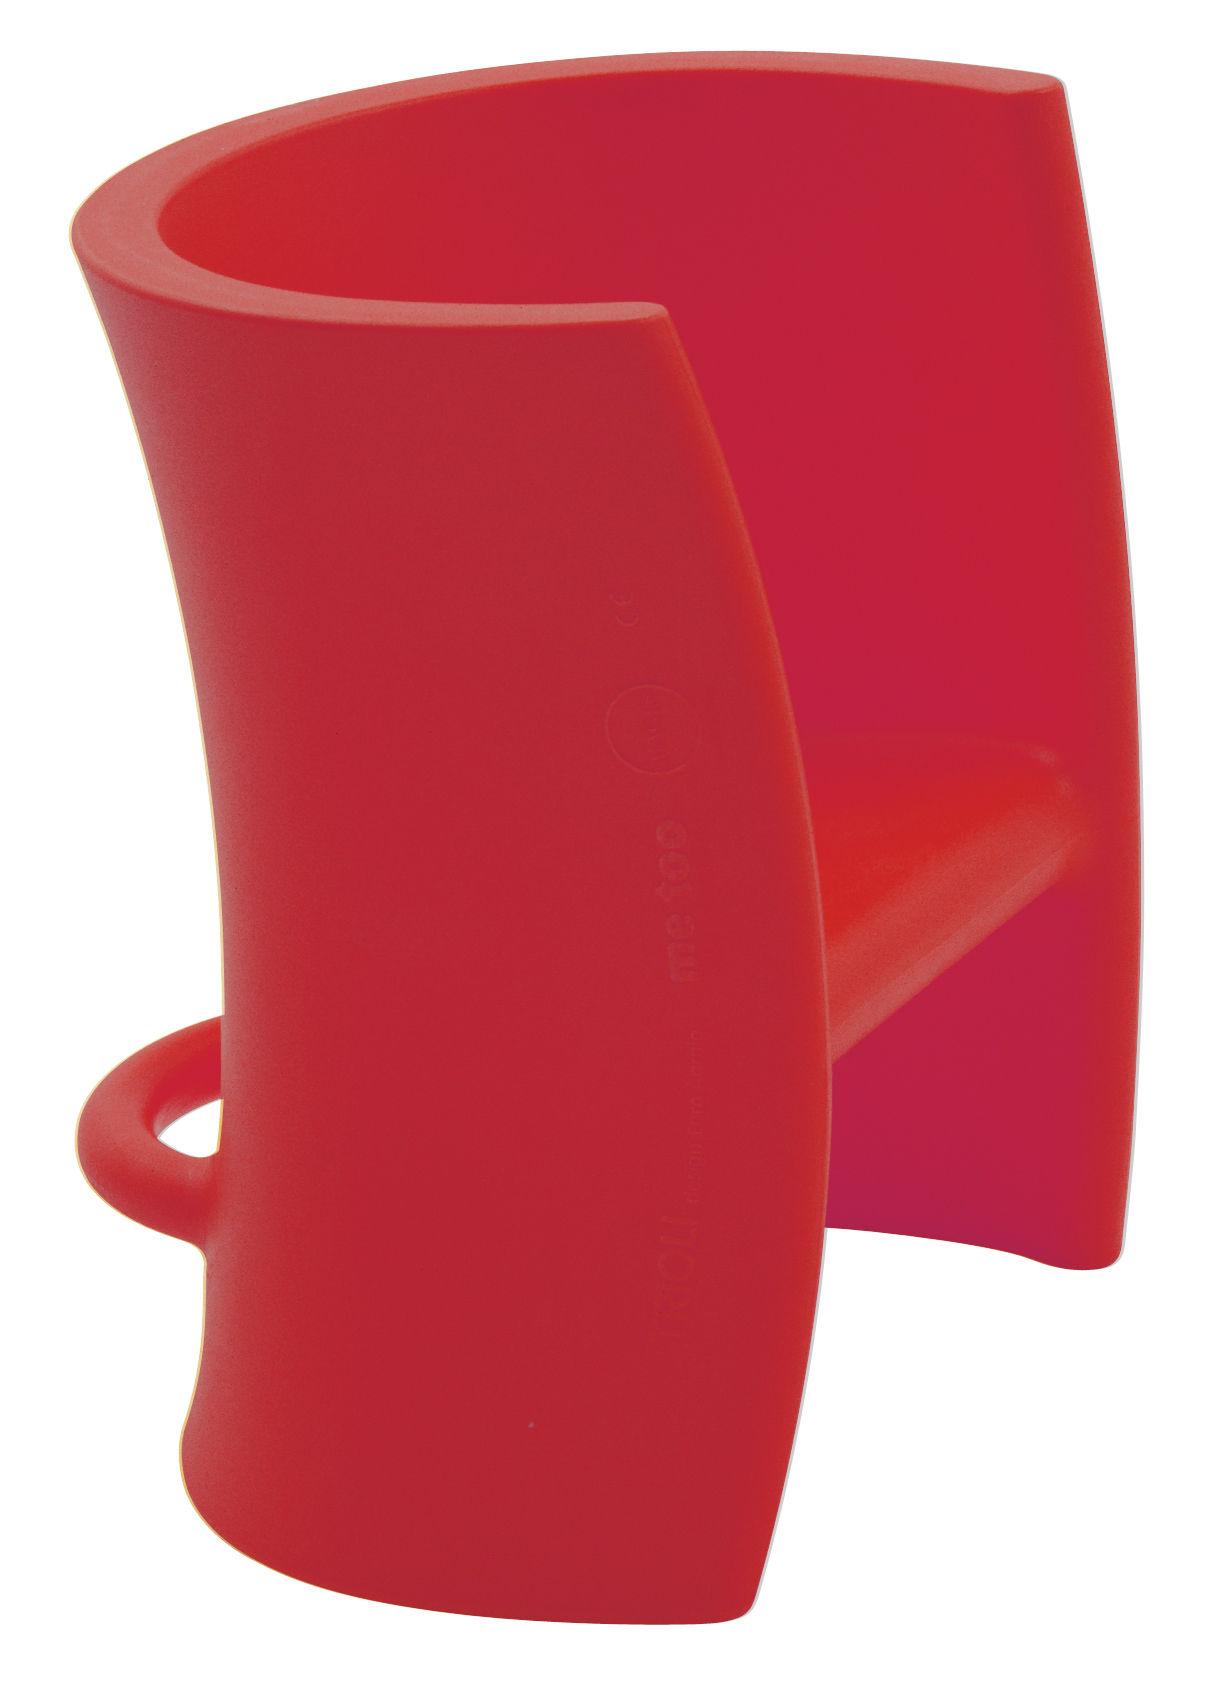 Arredamento - Mobili per bambini - Sedia per bambino Trioli di Magis Collection Me Too - Rosso - Polietilene